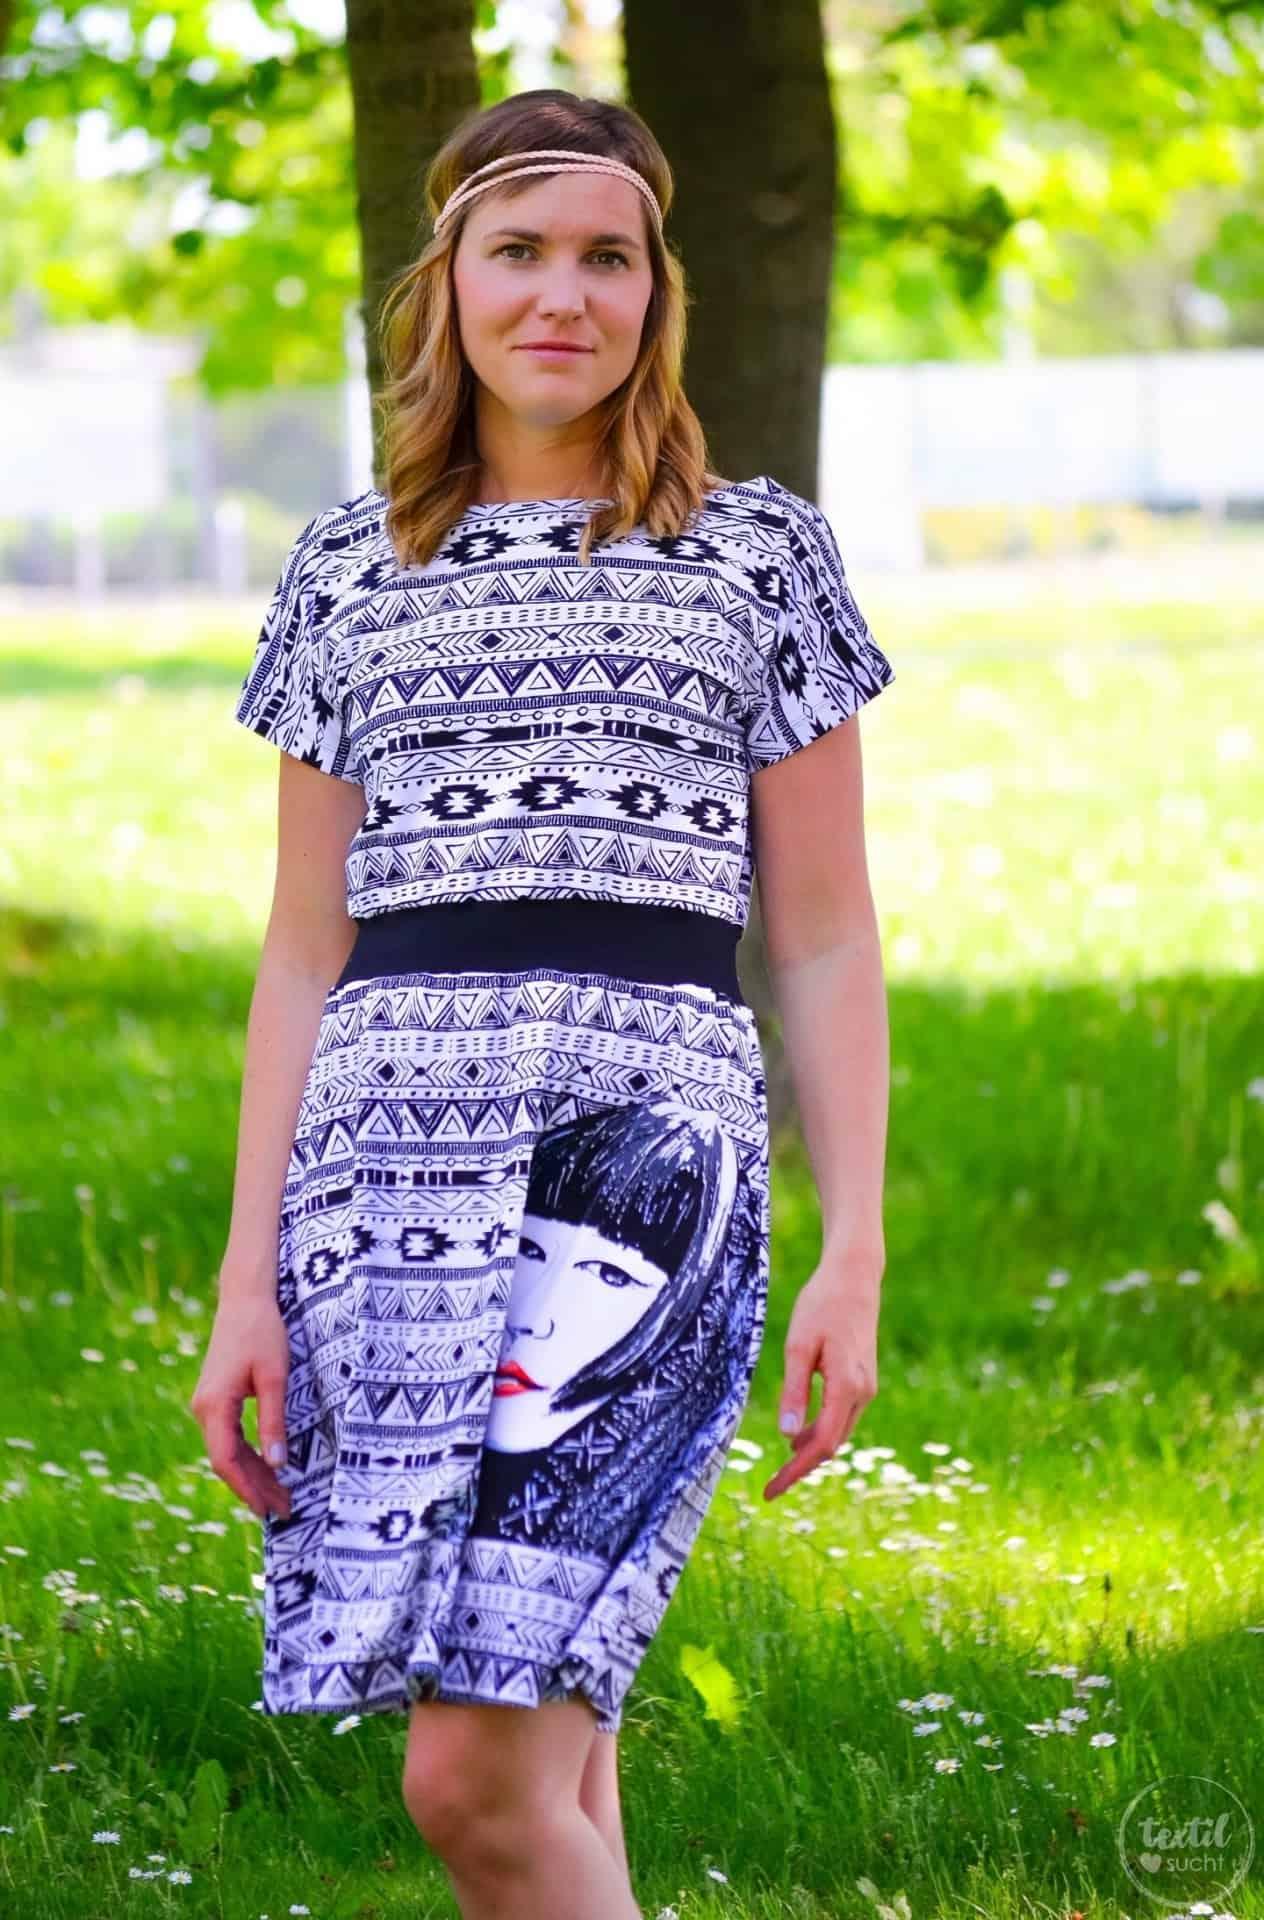 Sommerkleid nähen: Kleid Federleicht im Hippielook - Bild 7 | textilsucht.de